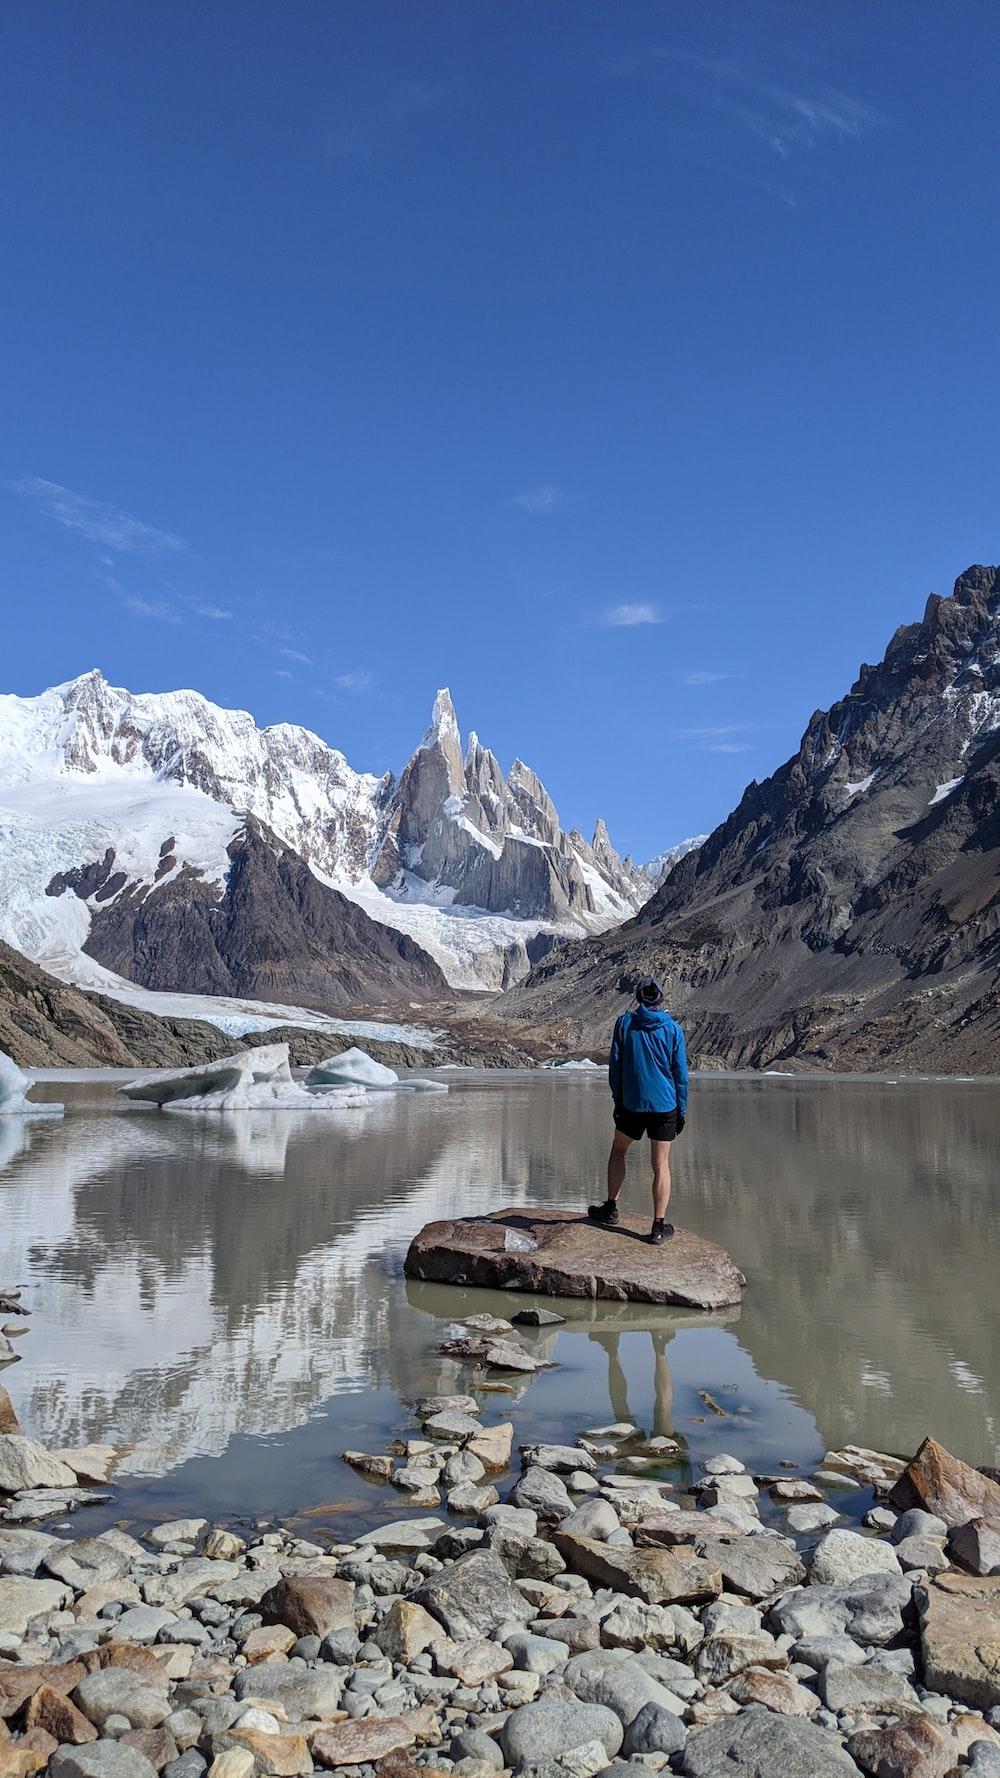 man in blue shirt standing on brown rock near lake during daytime